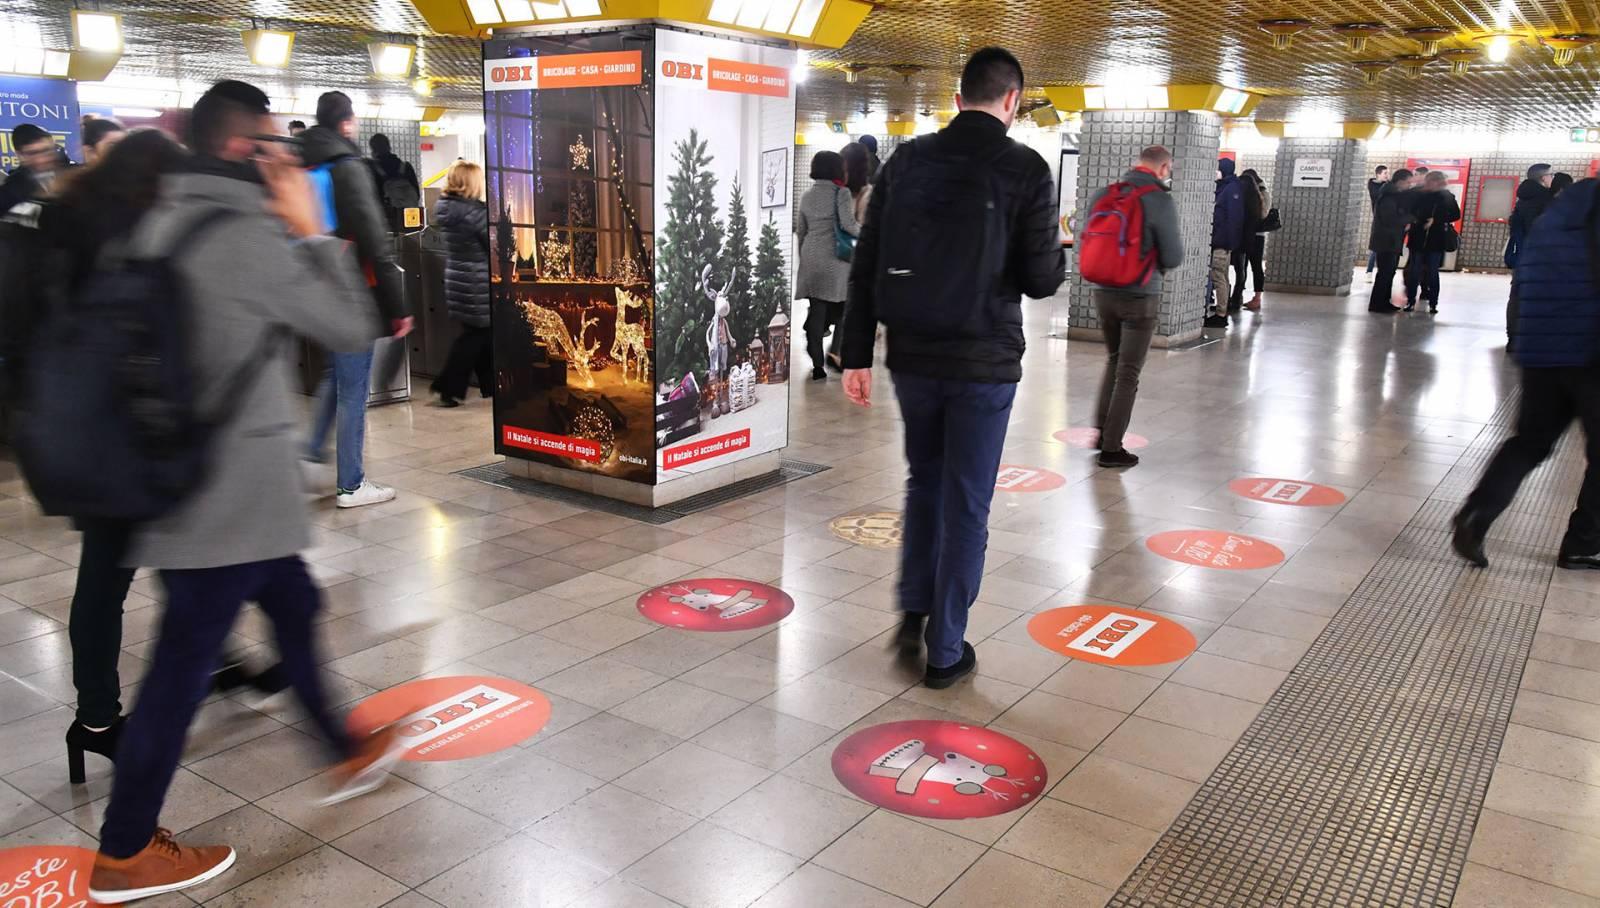 Pubblicità metro milanese IGPDecaux a Milano San Donato Station Domination per OBI Italia